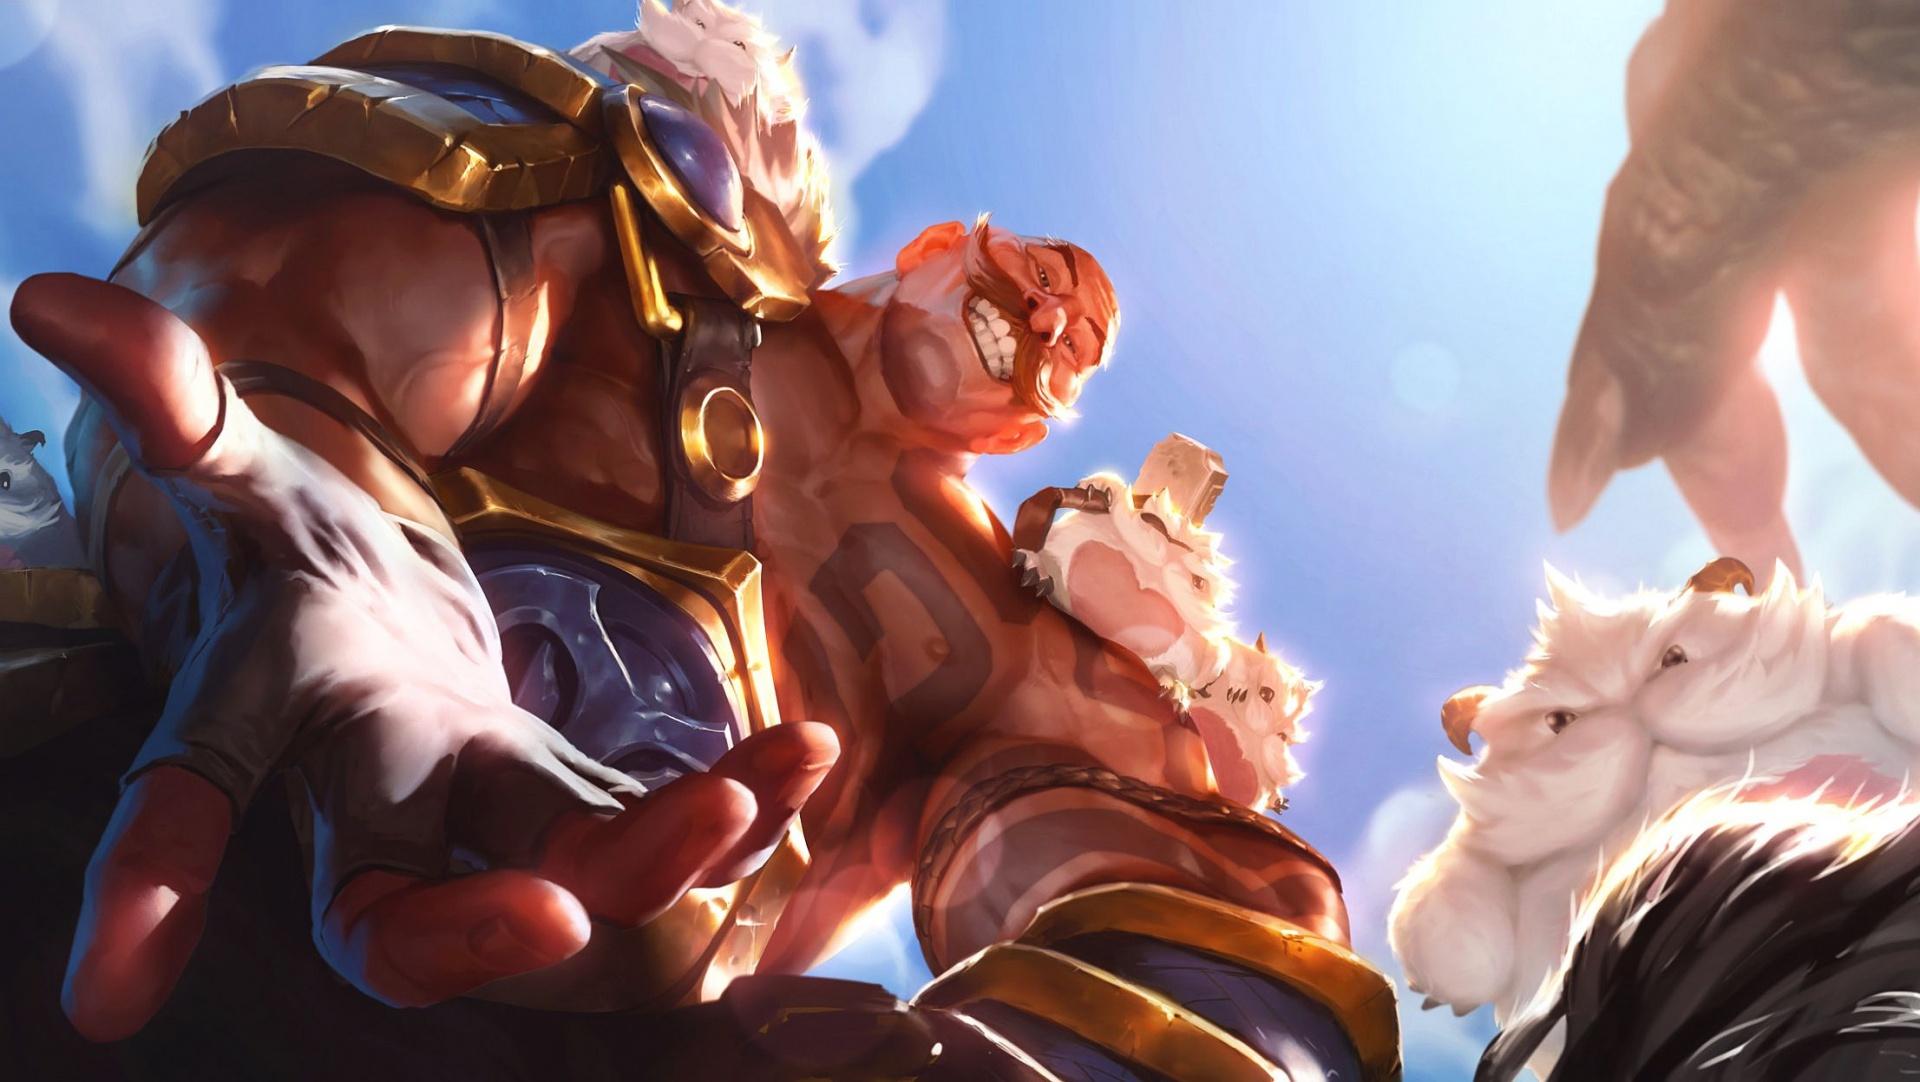 К Legends of Runeterra выпустили сюжетный ролик, посвящённый Брауму